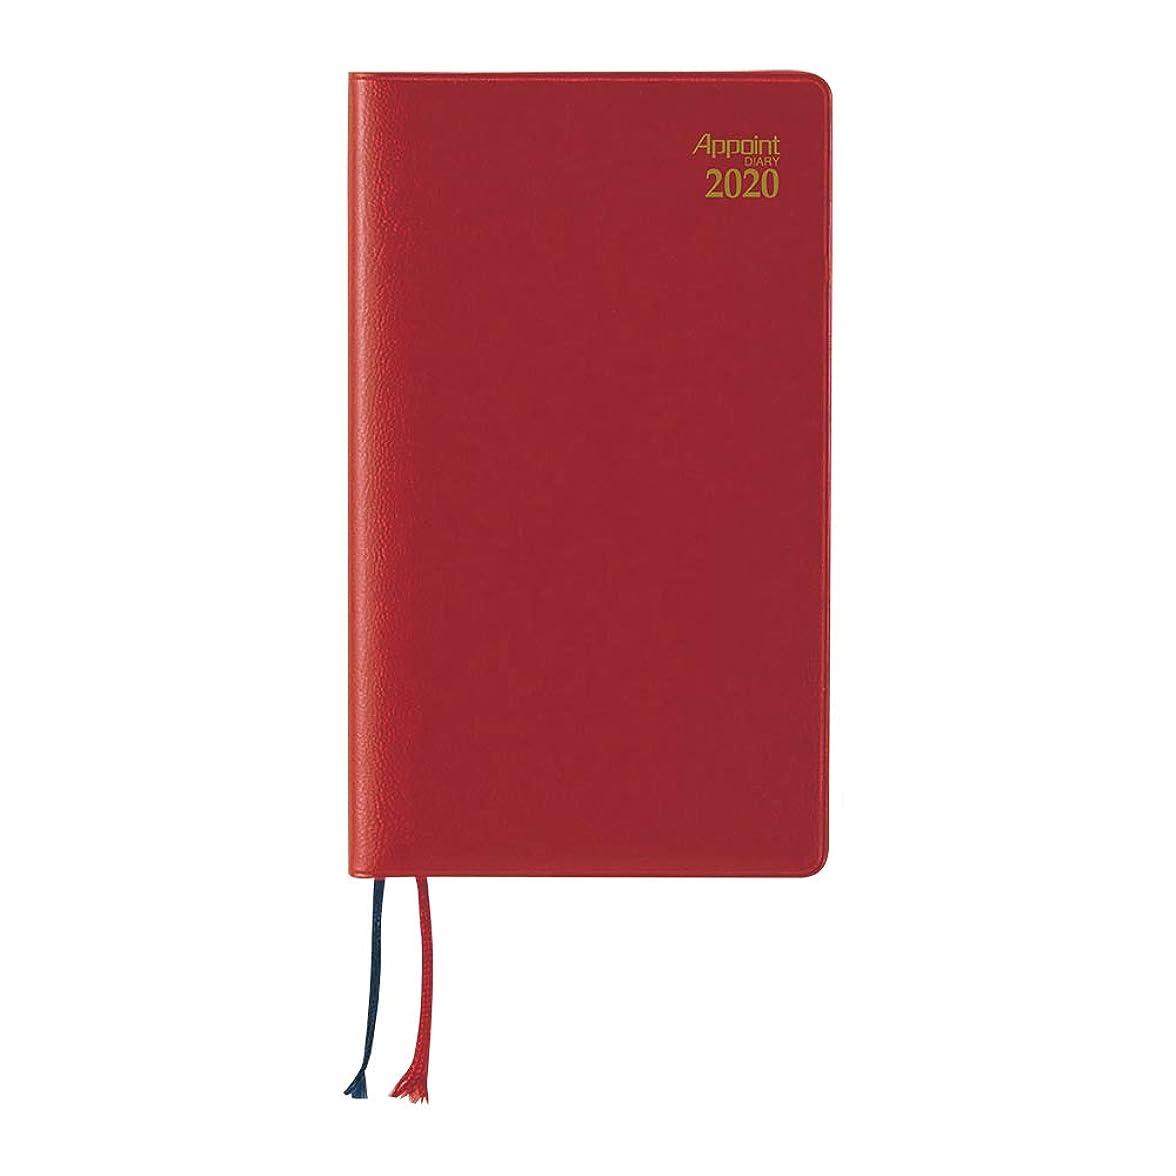 可動式システム特権的ダイゴー 手帳 2020年 アポイント マンスリー ウィークリー 赤 E1017 2019年 12月始まり